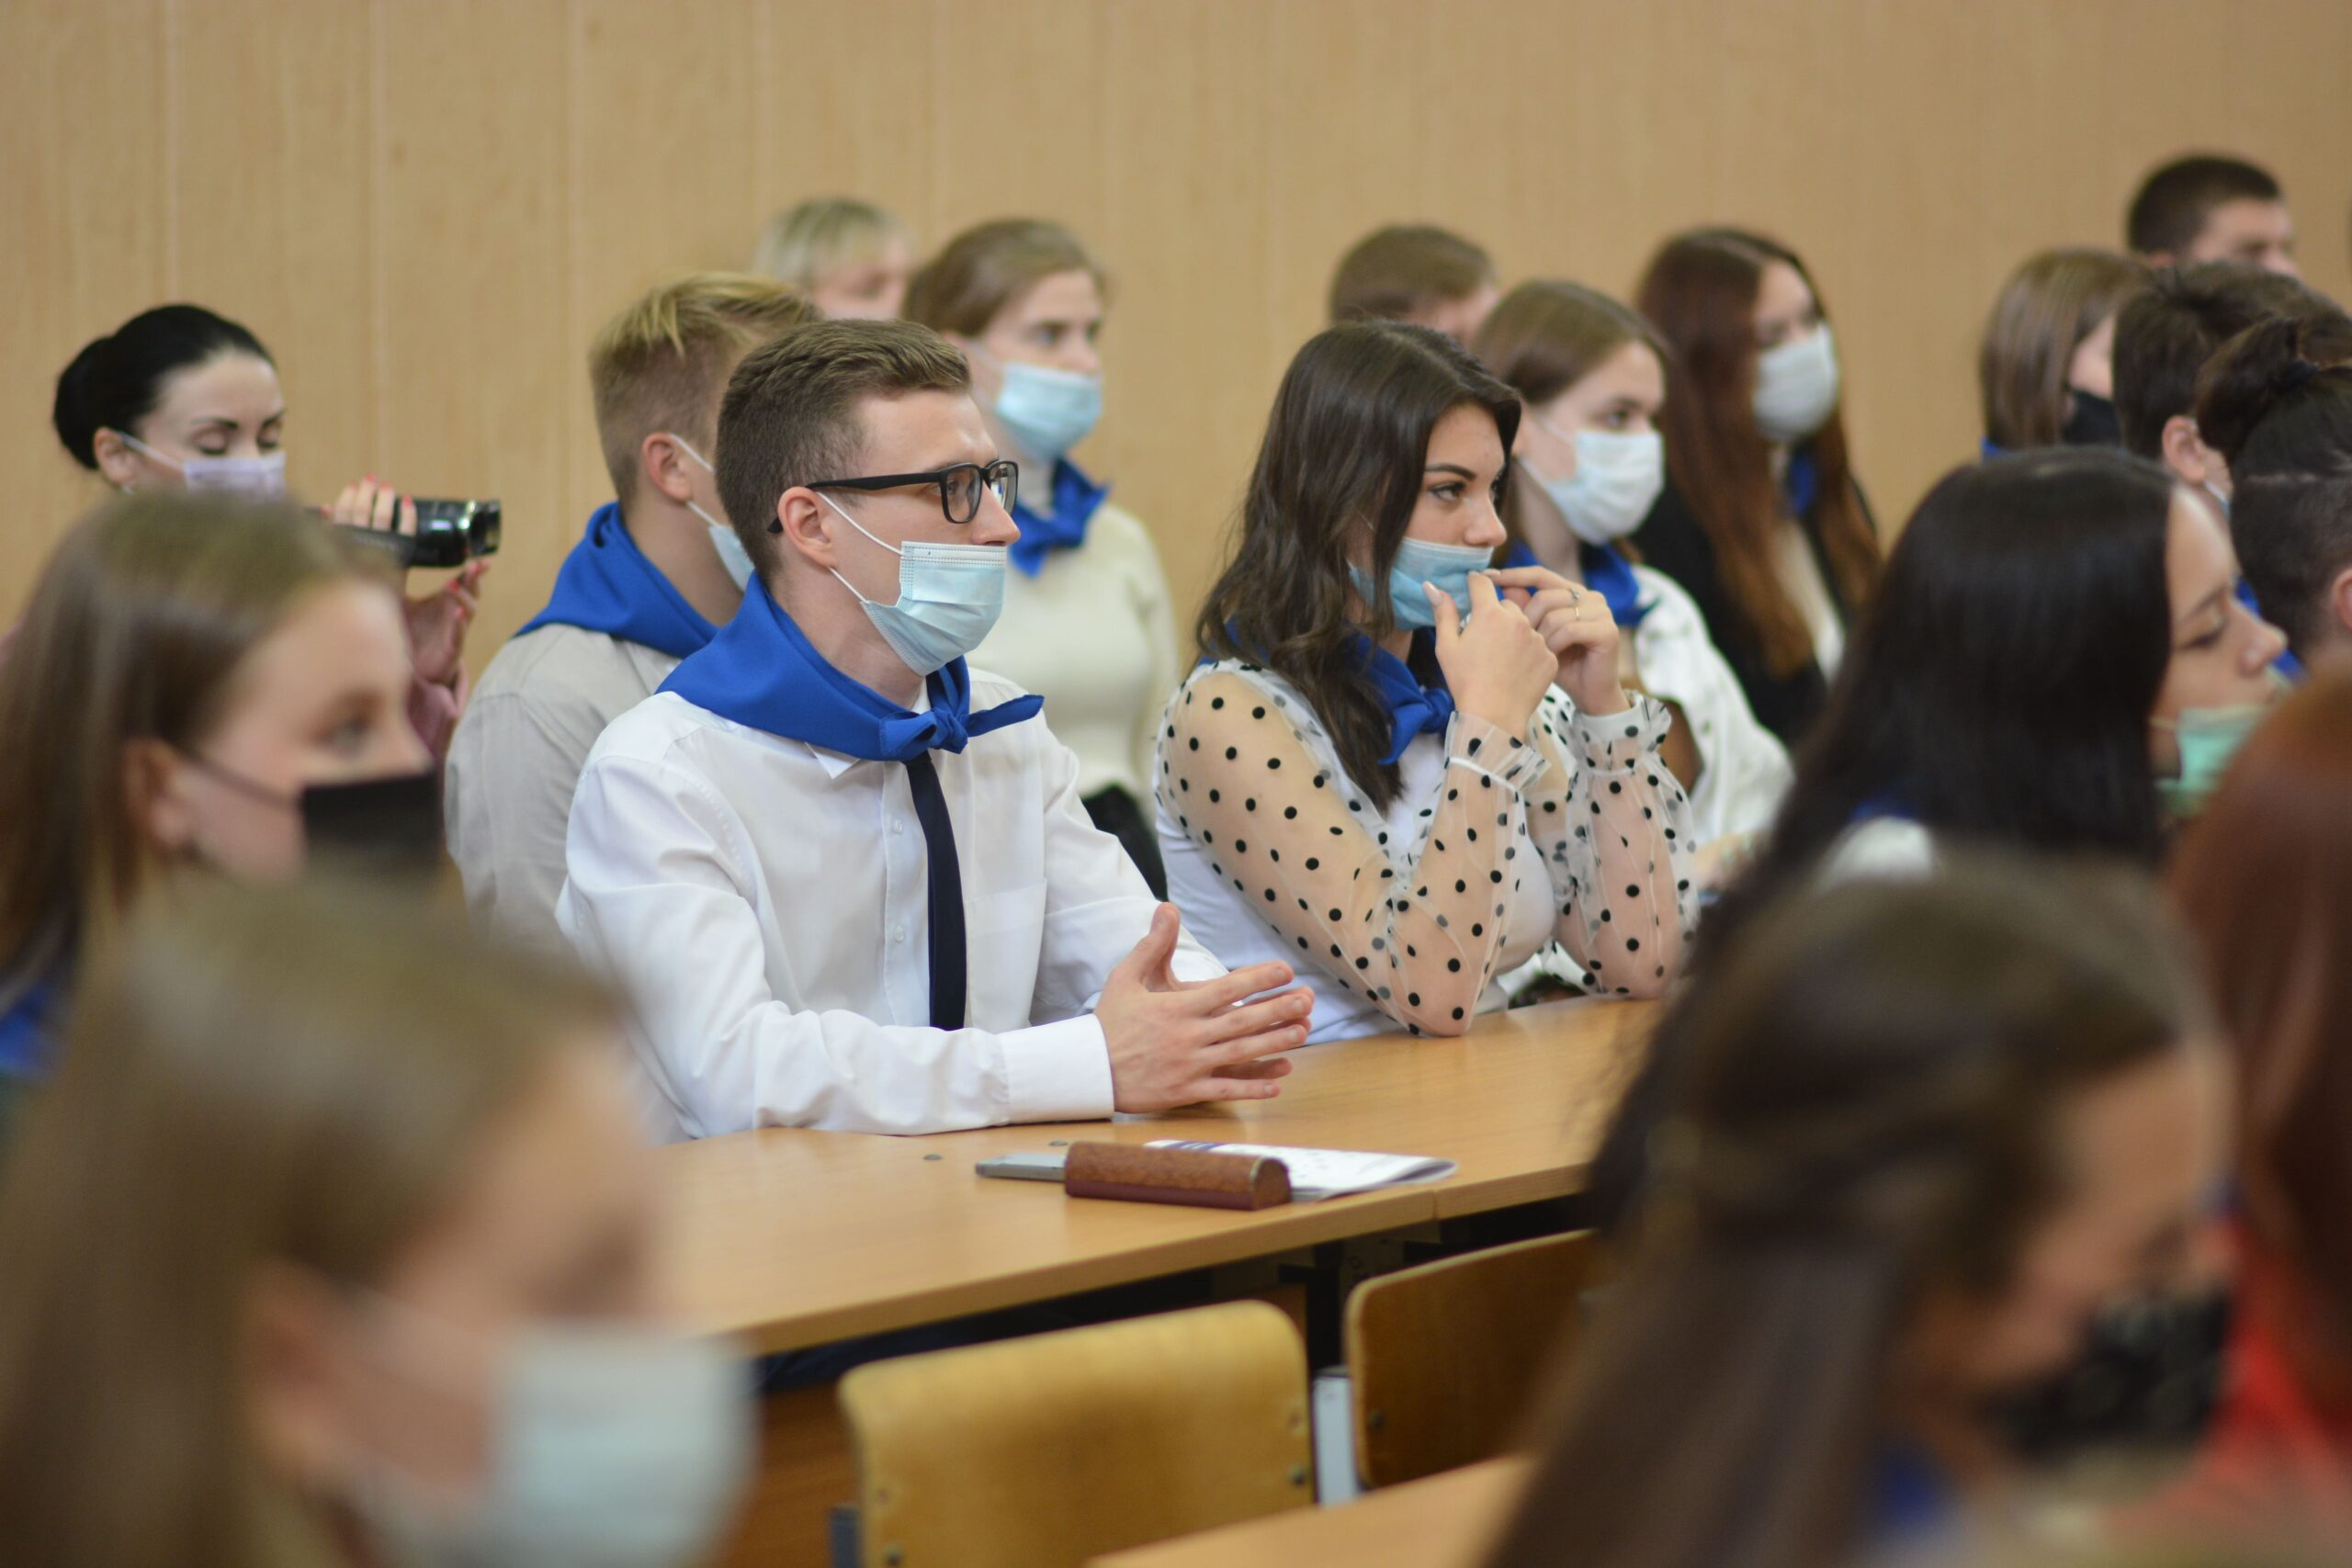 День знаний в Твери: Владимир Васильев цитировал Марка Твена и признался, что полюбил учебу благодаря родителям